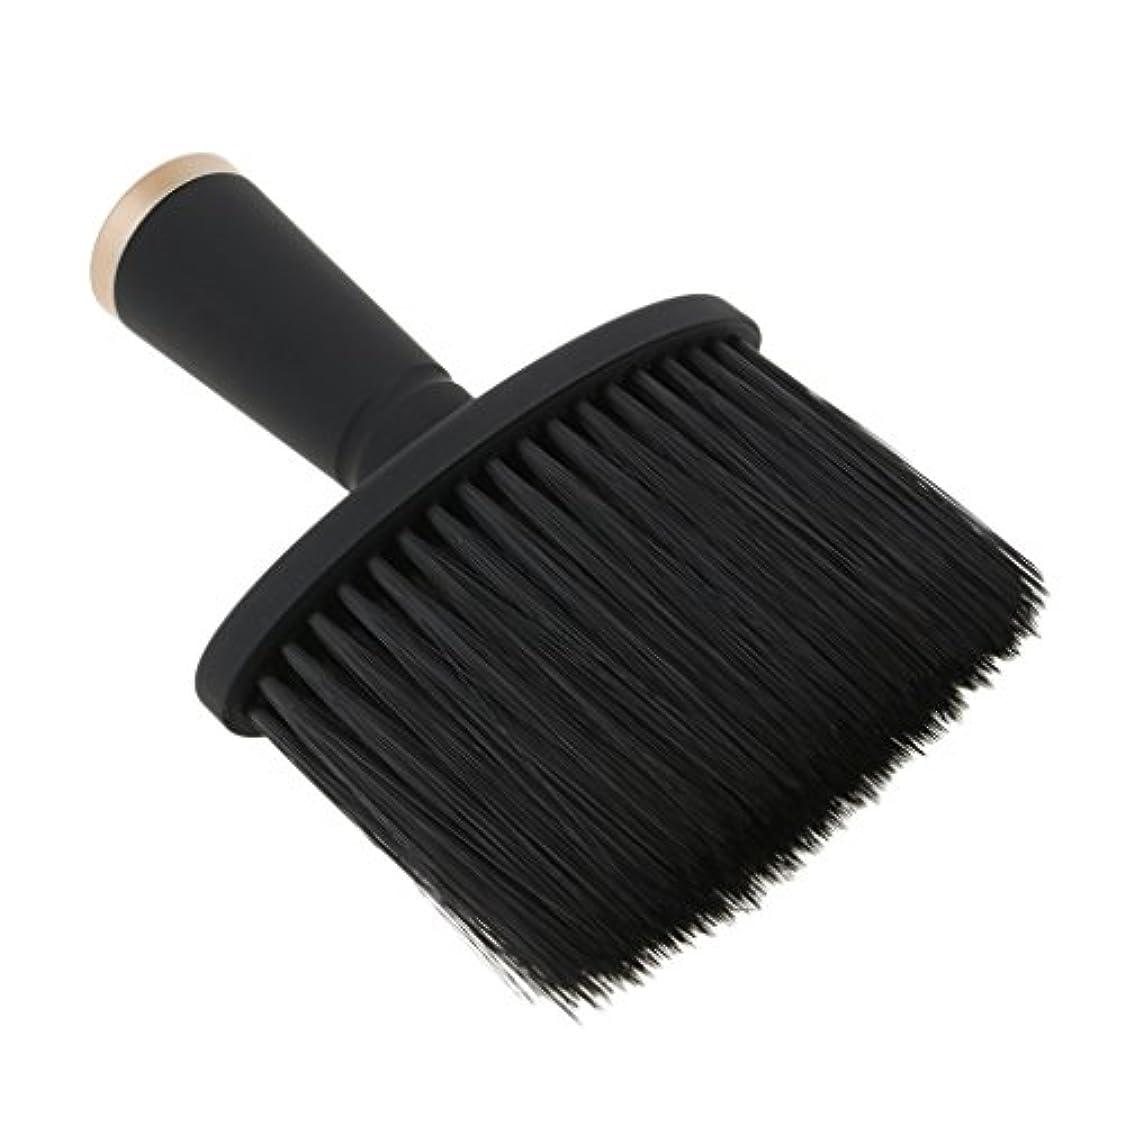 少ない収束する通貨FutuHome 専門の理髪師の首の塵払いのブラシ、毛の切断のための柔らかいクリーニングの表面ブラシ、携帯用設計 - ゴールド